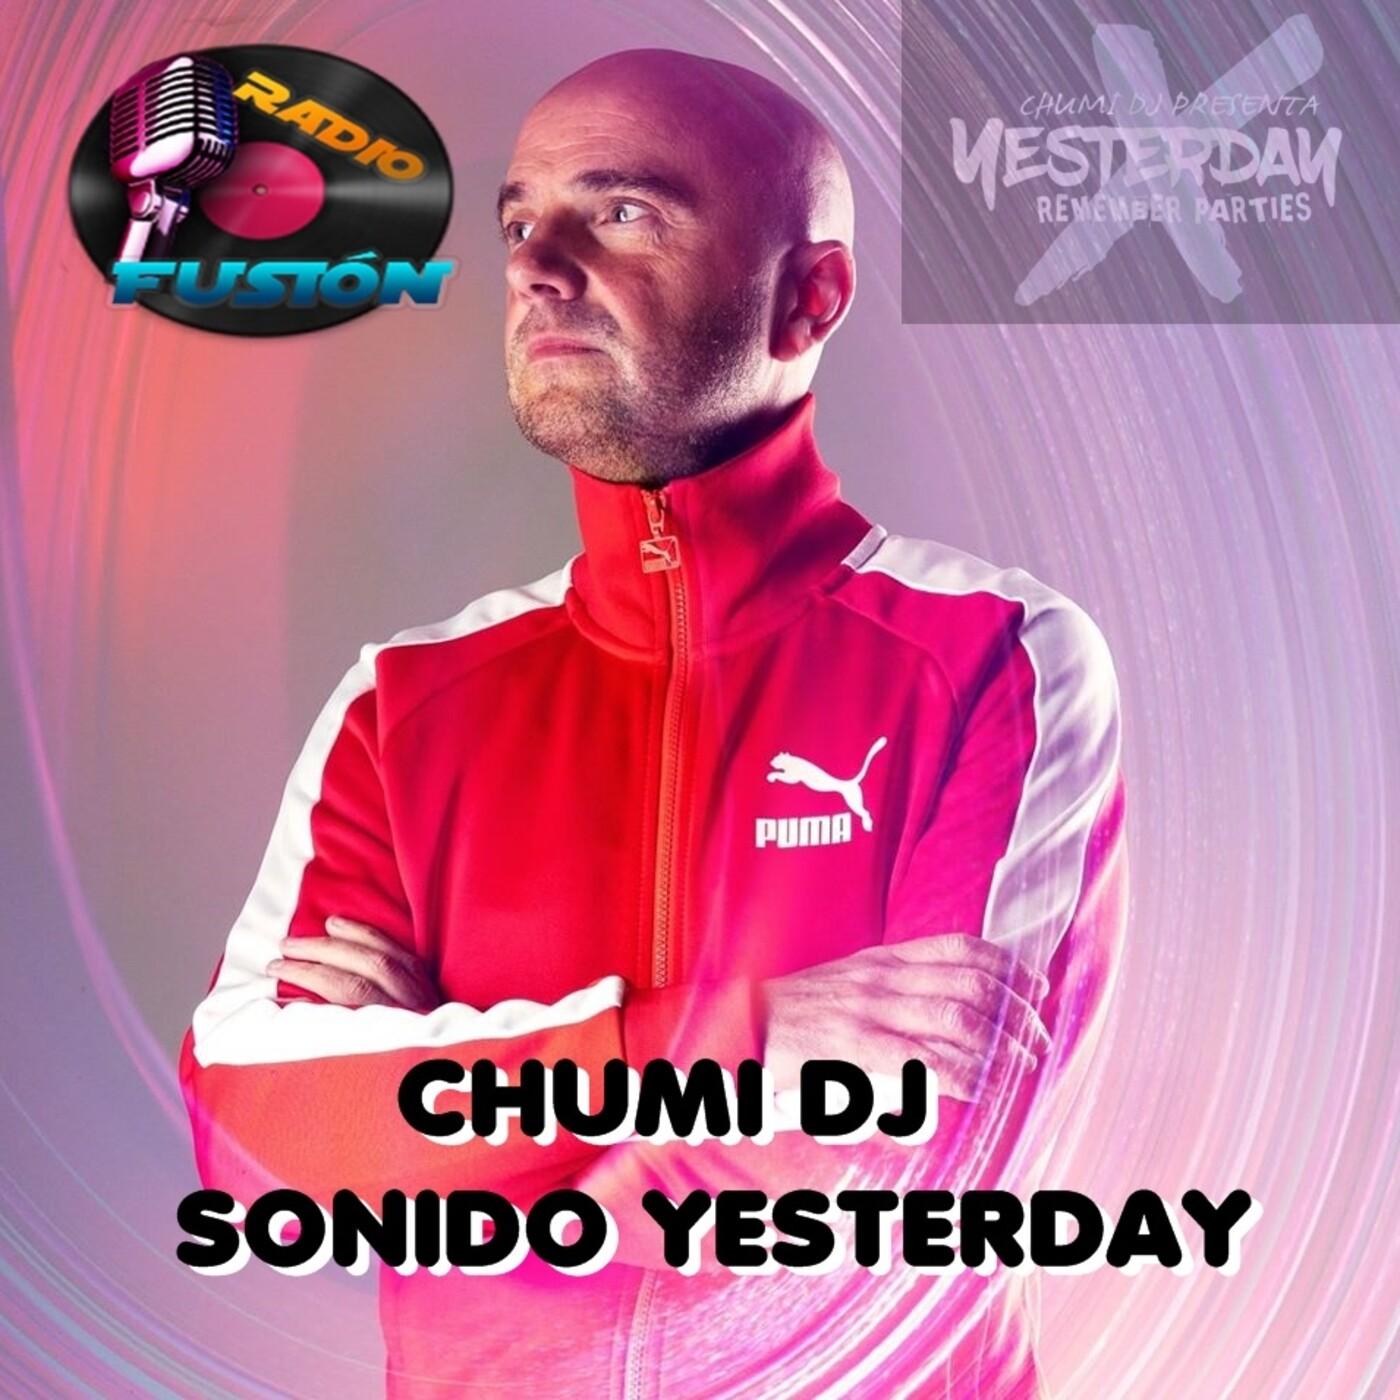 el planeta de las fiestas 12.0 sonido radio fusion by chumi dj especial yesterday 19-10-2020